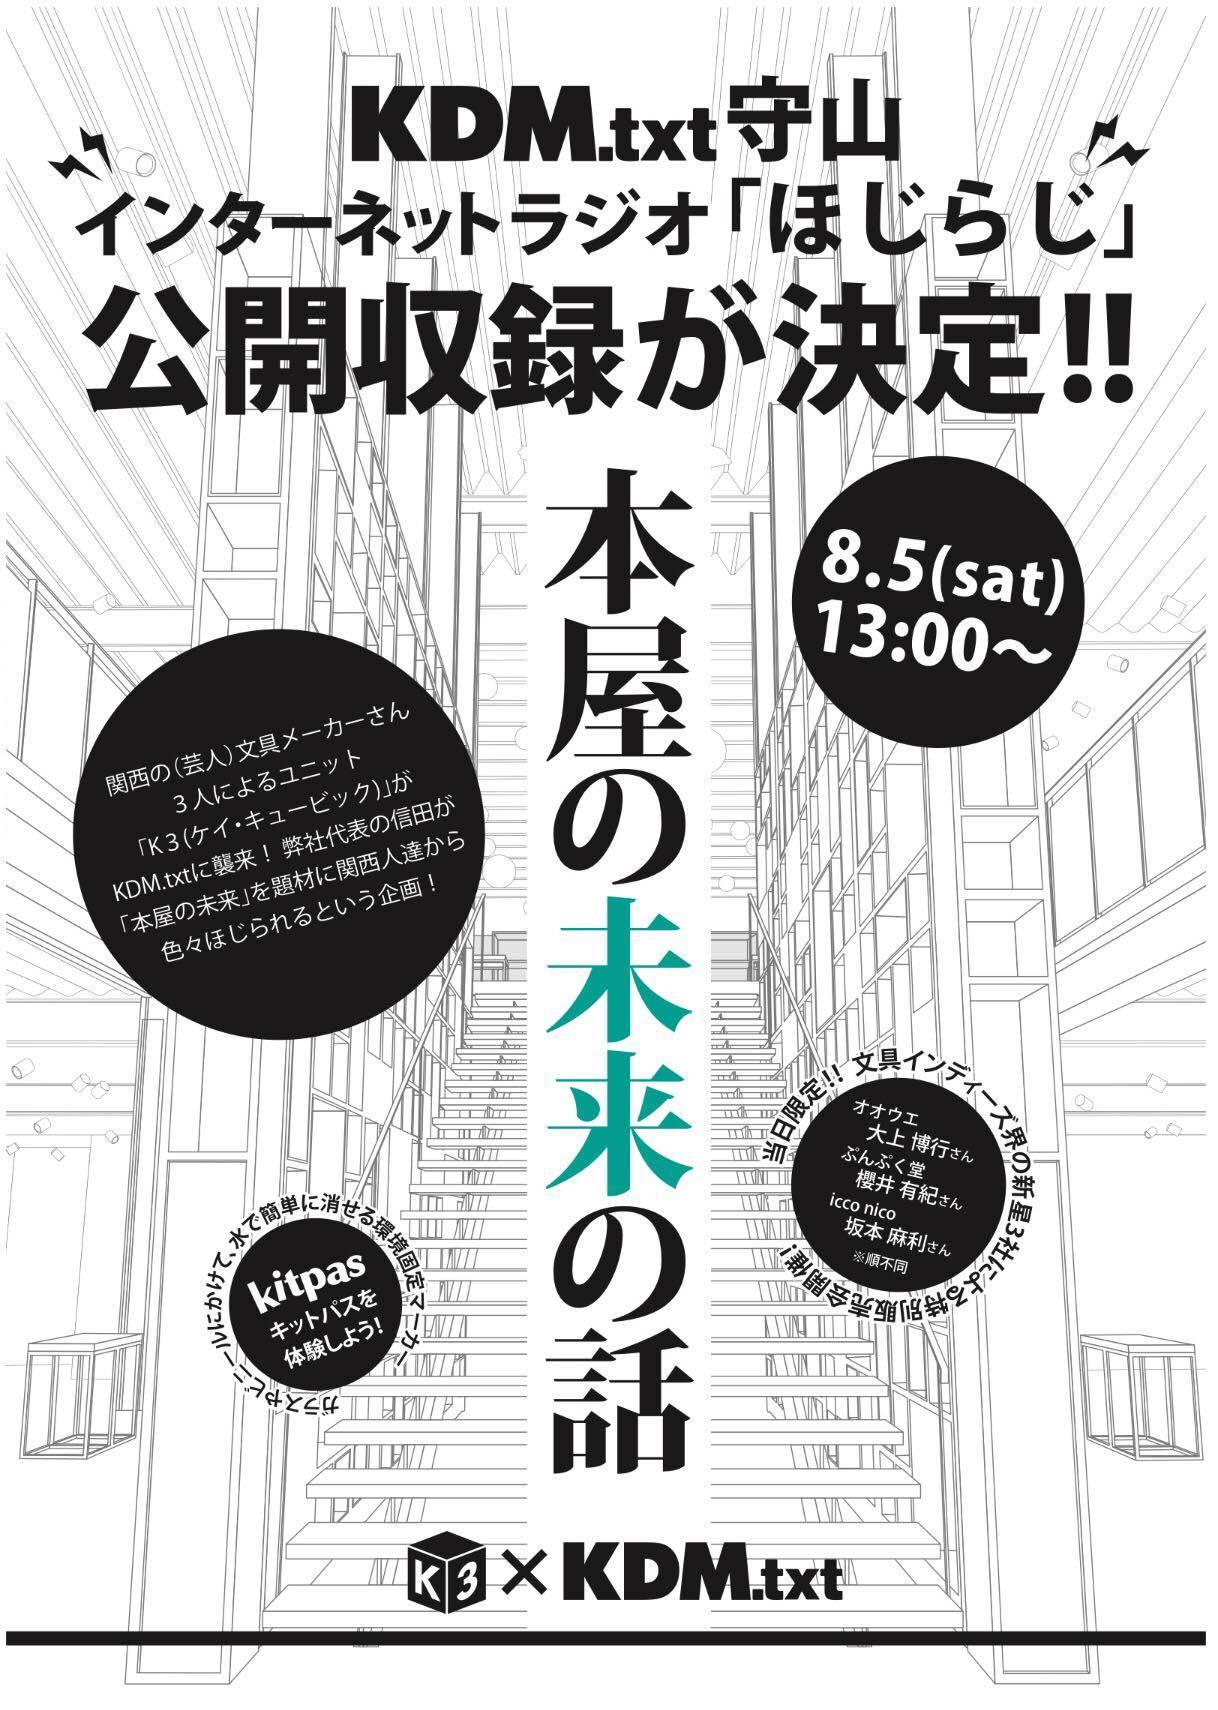 【8/5 KDM.txt で対面販売する文具発表!】